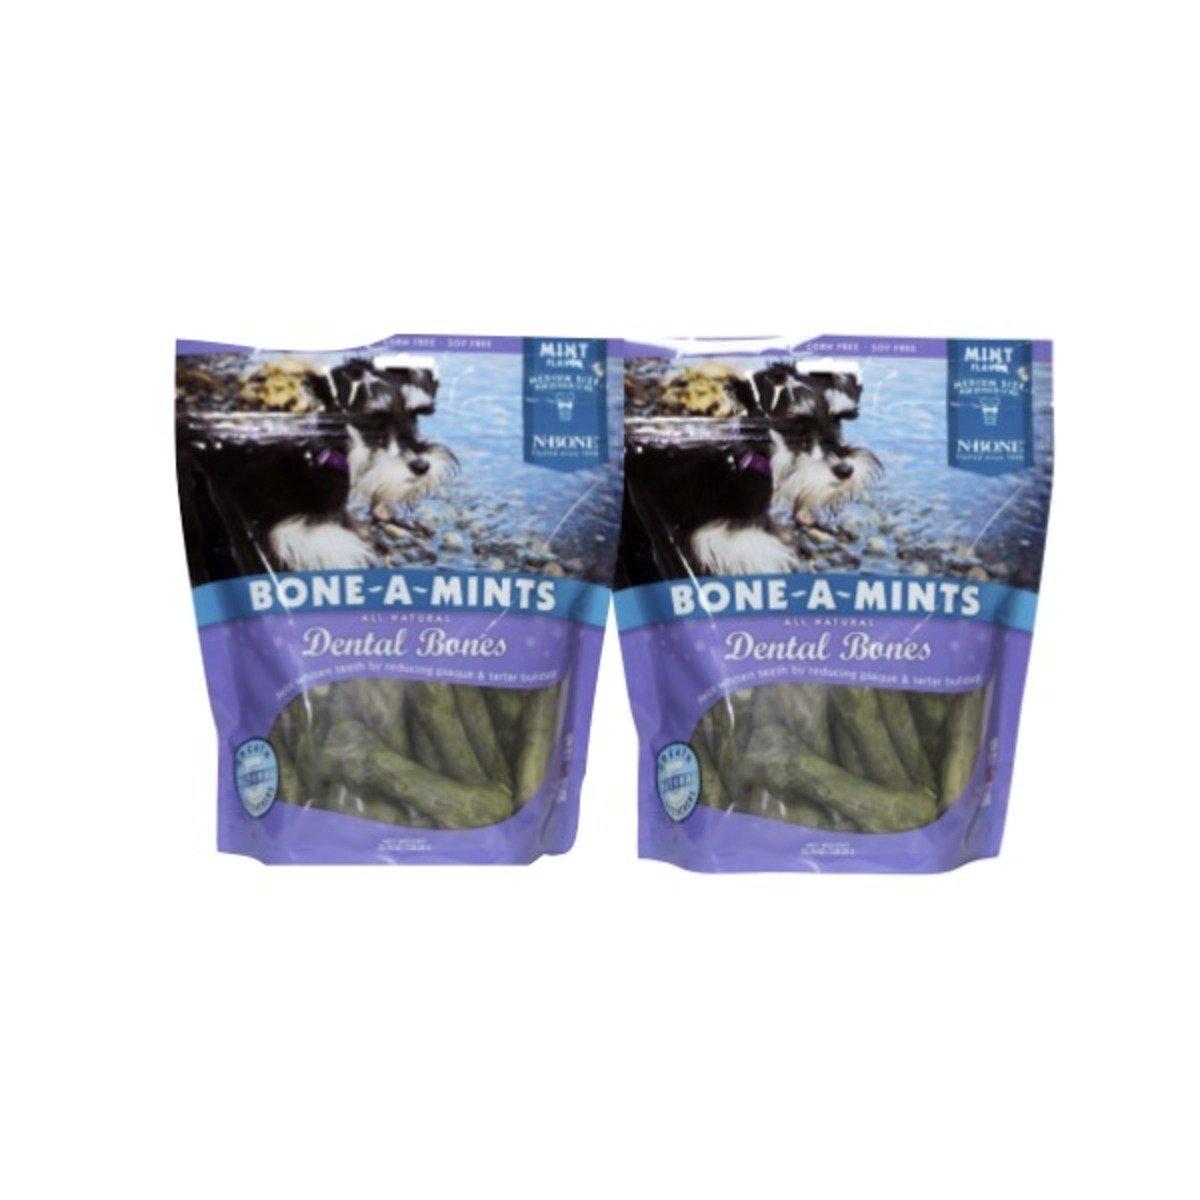 美國 BONE-A-MINTS 薄荷味潔齒骨家庭裝2包(中)25.74oz/包